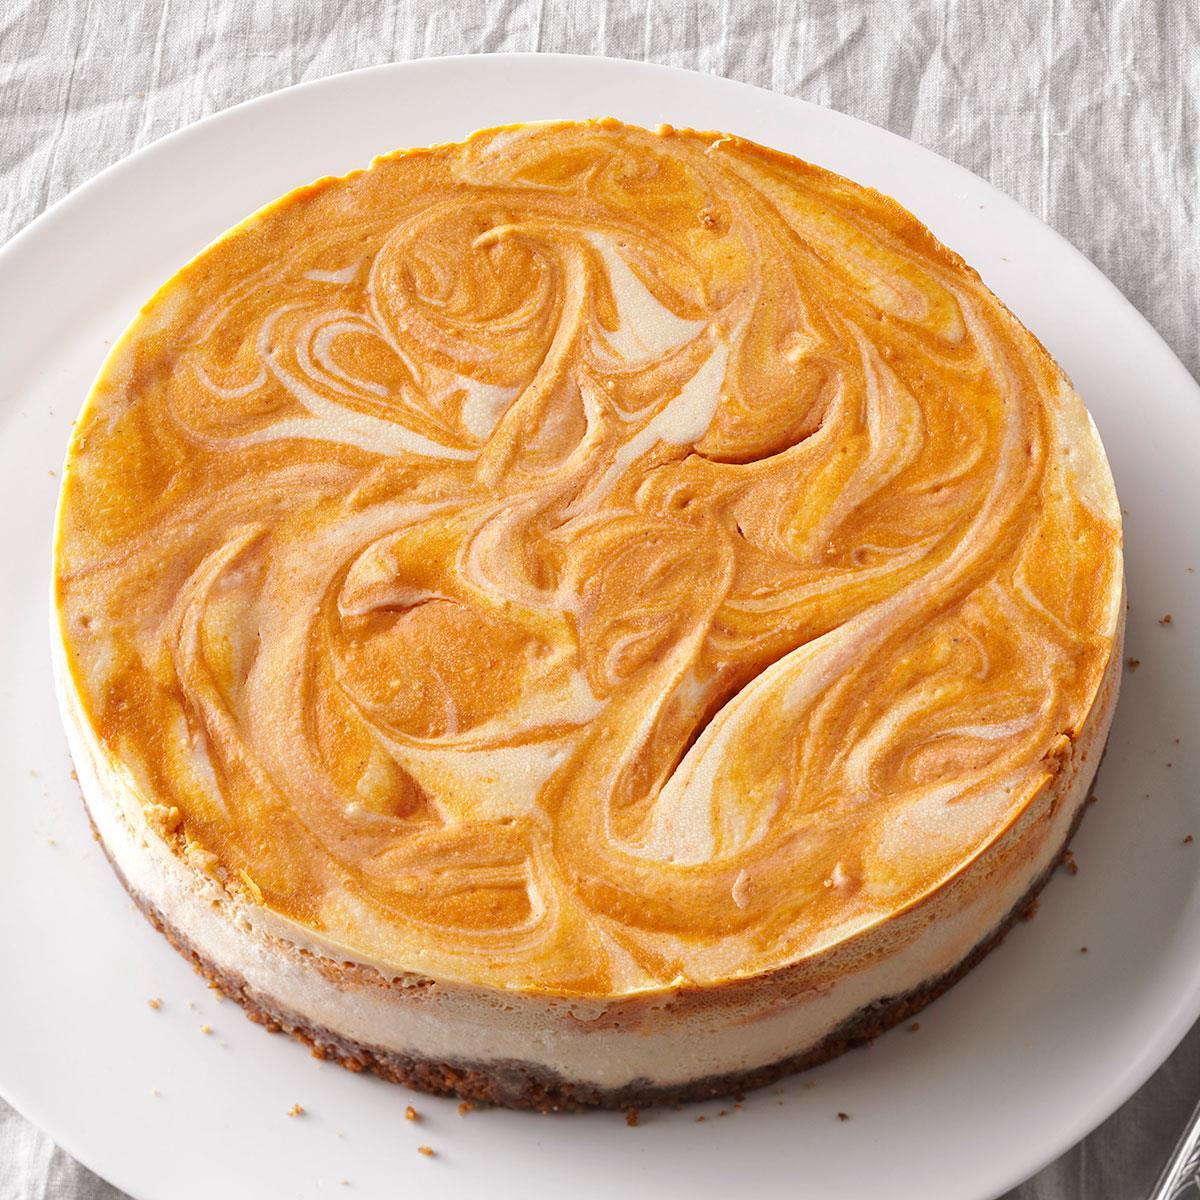 Incredible Spiced Pumpkin Swirl Cheesecake Exps125361 Th132104b06 21 1bc Rms Pumpkin Swirl Cheesecake Brownies Pumpkin Swirl Cheesecake Pie nice food Pumpkin Swirl Cheesecake